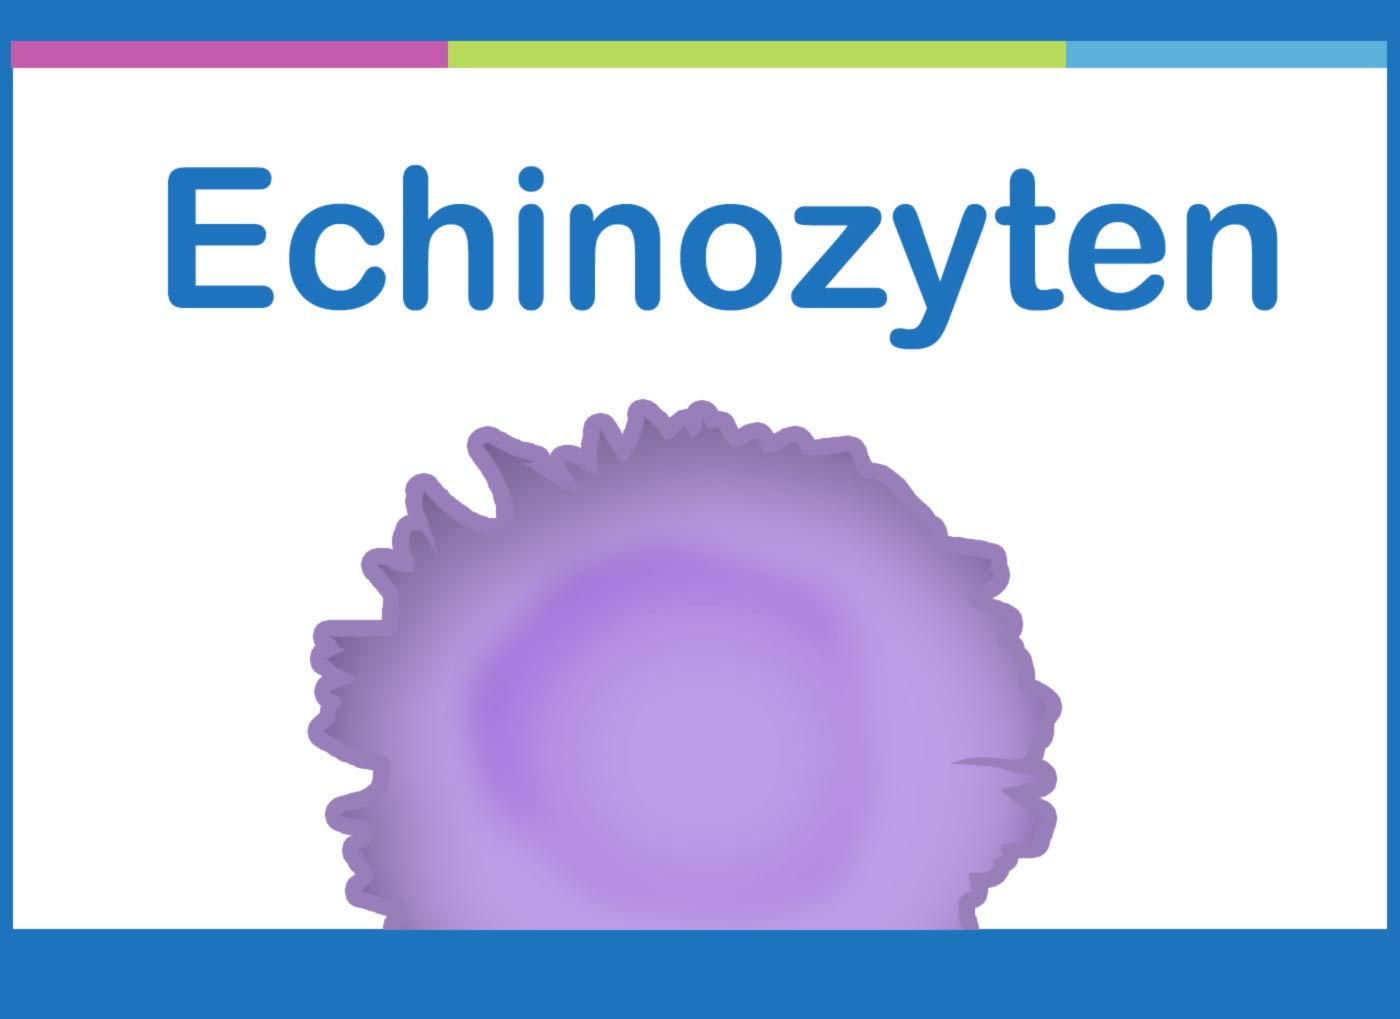 Echinozyten